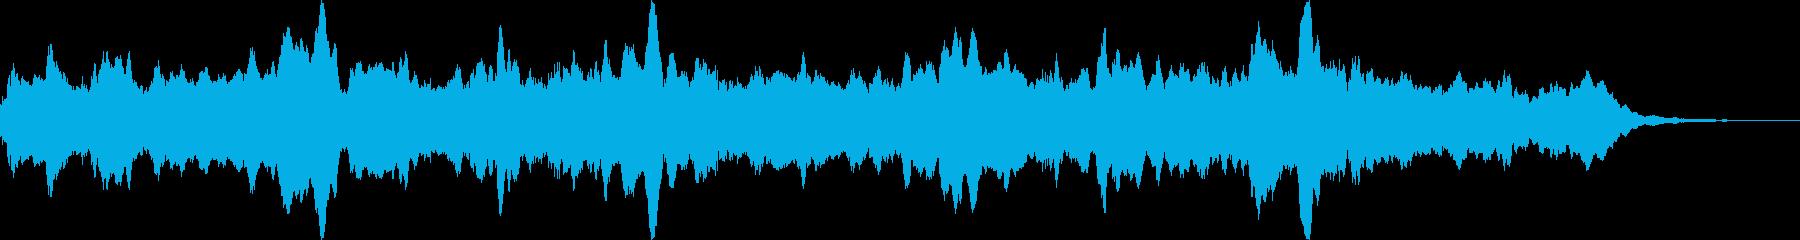 アトモスフィア FX_03 spaceの再生済みの波形